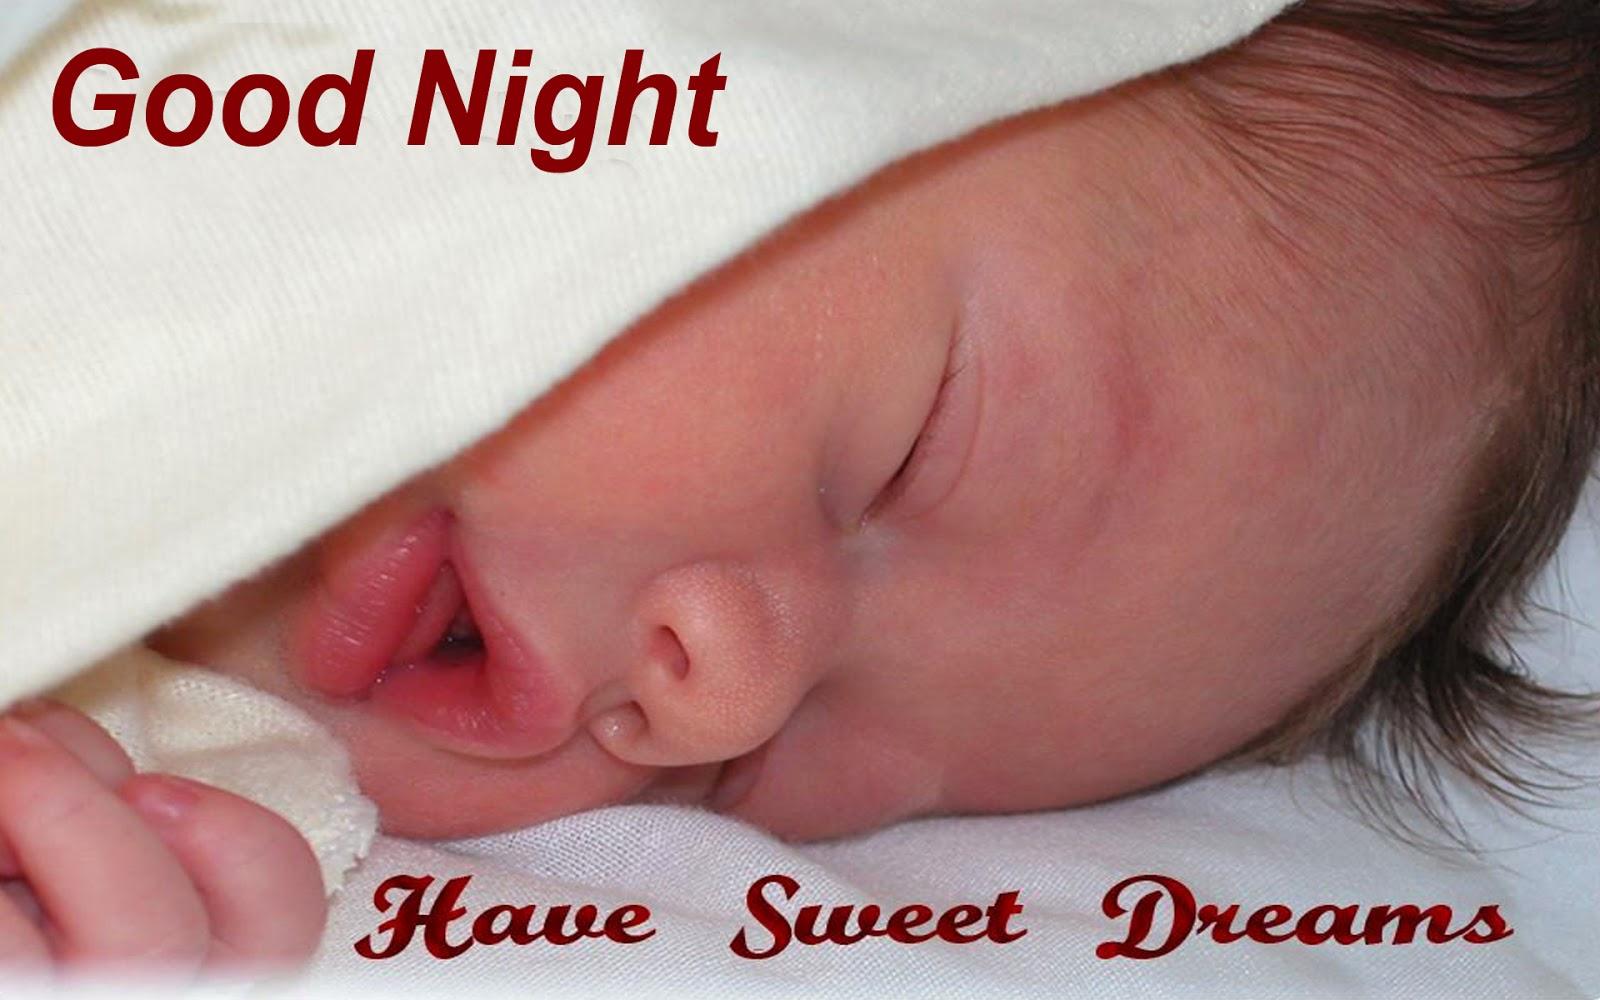 ... ngủ ngon hài hước, những câu chúc ngủ ngon hay nhất, tin nhắn chúc ngủ ngon lãng mạn, chúc ngủ ngon hài hước facebook, những câu chúc ngủ ngon ngắn gọn